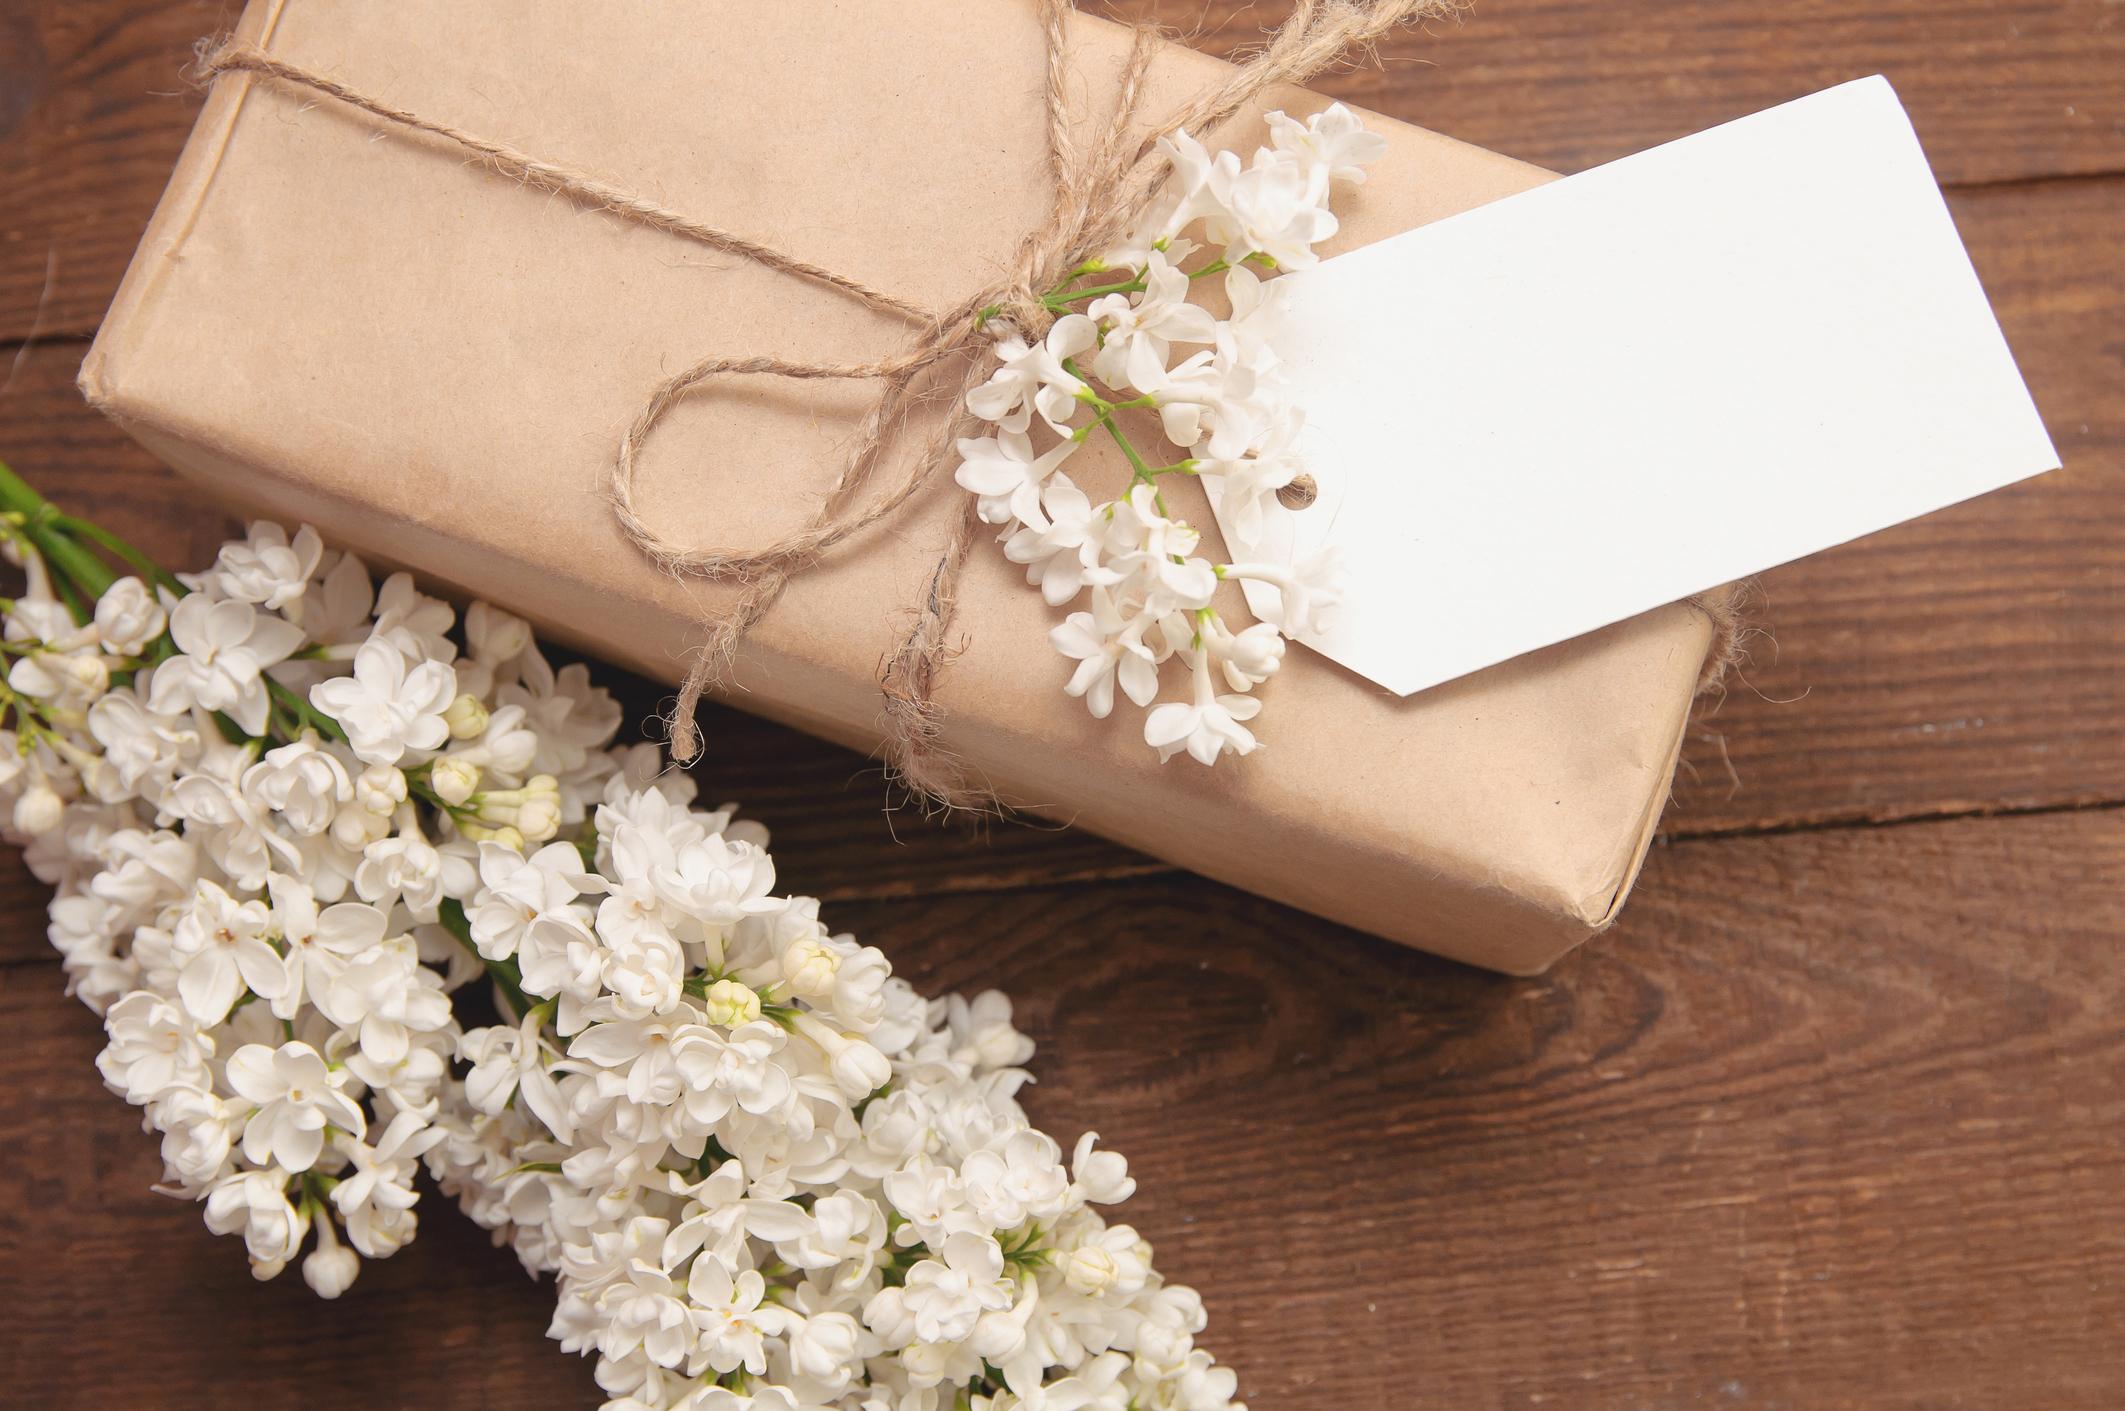 結婚式を持ち込みで節約する方法